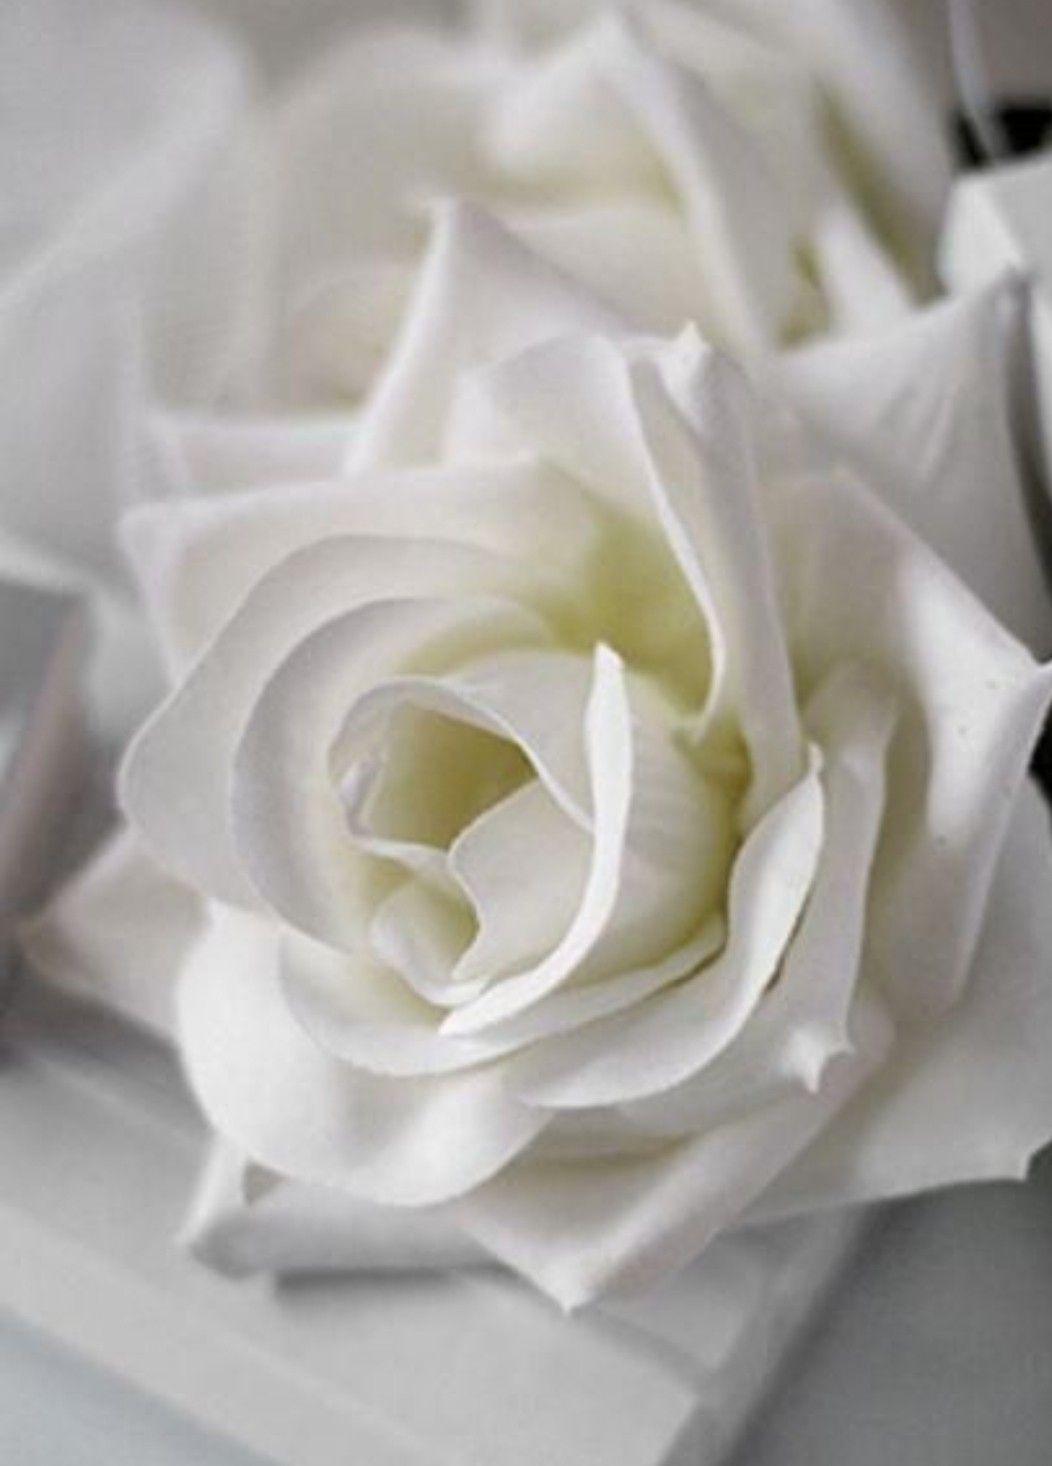 صبــــــاح الخــــير يارب أزل عنا هذة الغمة وأكشفها برحمتك وكرمك ومتعنا بنعمة الأمن والأمان ولا تهلكنا ب White Roses Beautiful Flowers Beautiful Roses